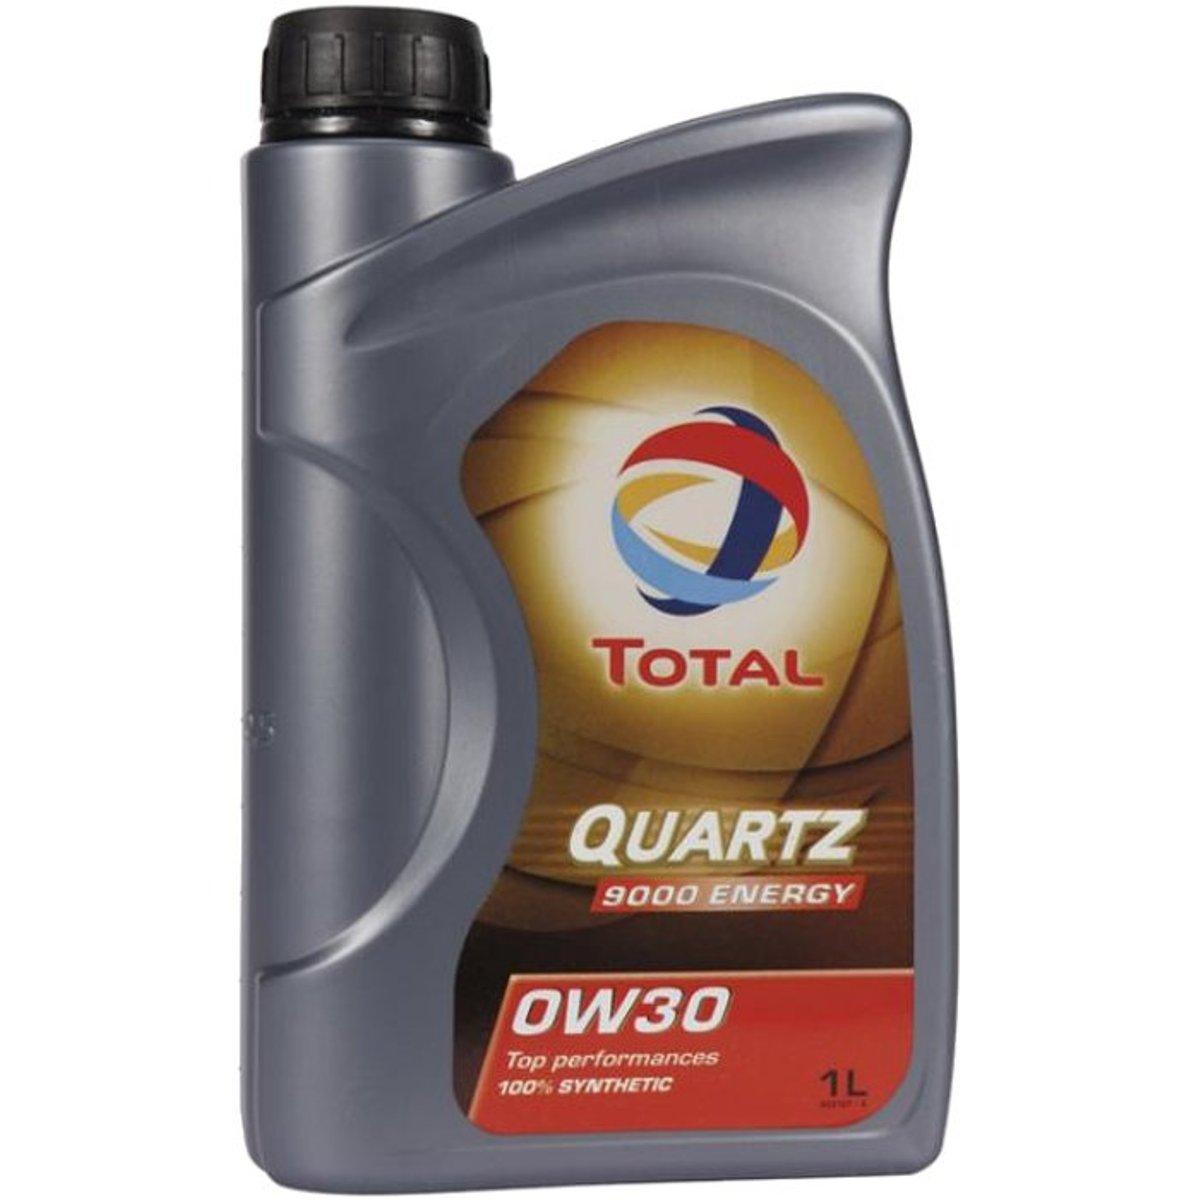 Моторное масло Total Quartz 9000 Energy 0W30, 1 лS03301004Полностью синтетическое моторное масло для бензиновых и дизельных двигателей легковых автомобилей. Обеспечивает чистоту двигателя, что позволяет сохранить его мощность. TOTAL Quartz Energy 9000 0W-30 снижает потребление топлива и уменьшает содержание вредных веществ в выхлопных газах. данное масло обеспечивает оптимально долгий срок службы двигателя благодаря отличным противоизносным свойствам, обеспечивающим защиту наиболее уязвимых узлов двигателя. Масло содержит моюще-диспергирующие присадки, поддерживающие чистоту в двигателе и его уровень эксплуатационных свойств, таким образом, сохраняя его мощность. Данное моторное масло может применяться в самых жестких условиях эксплуатации (городской трафик, движение по автомагистрали) и подходит для всех стилей вождения, в особенности спортивной или агрессивной езды, независимо от сезона.Эксплуатационные свойства масла превосходят технические требования крупнейших автопроизводителей, таким образом, данное масло подходит, по крайней мере, для 15 различных марок автомобилей.Спецификации производителей автомобилей BMW Longlife-01 / BMW LL-01, GM-LL-A-025, VW/AUDI 502 00, VW/AUDI 505 00, MB Approval 229.3 / MB 229.3, MB Approval 229.5 / MB 229.5